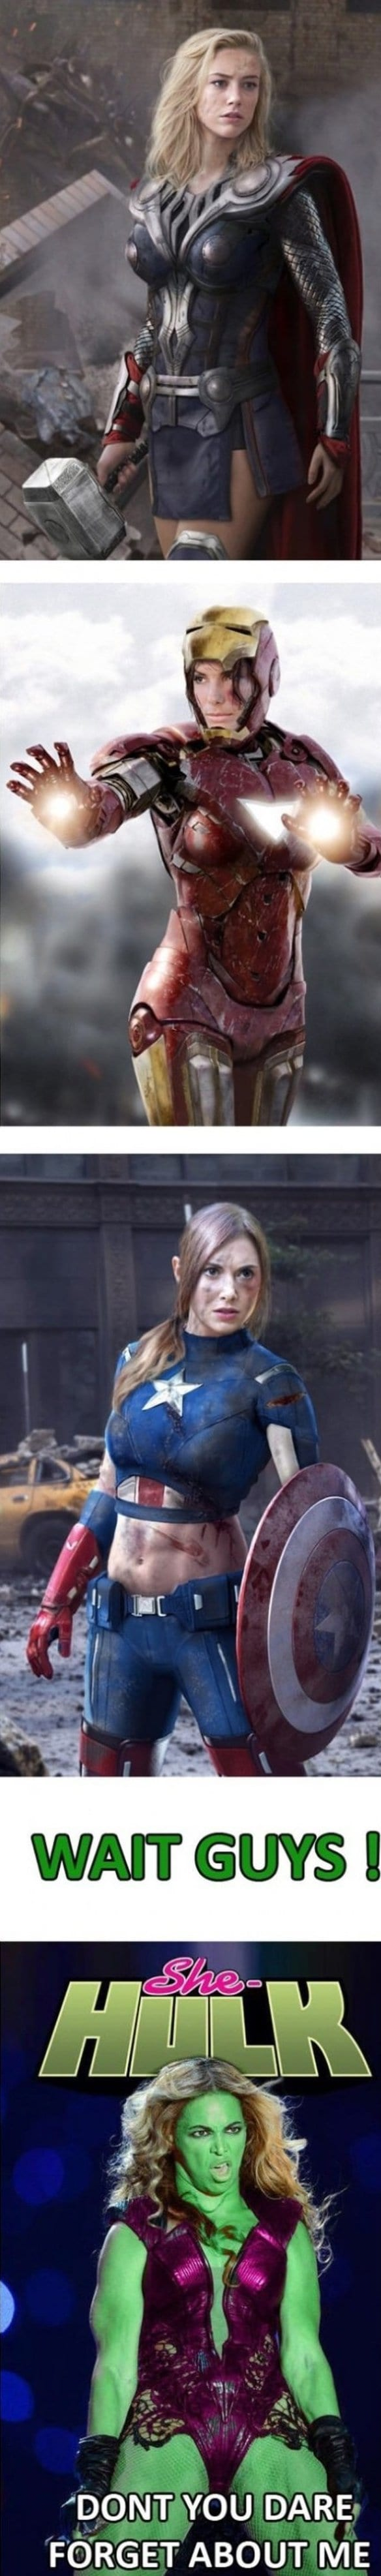 2014-meme-superwomen